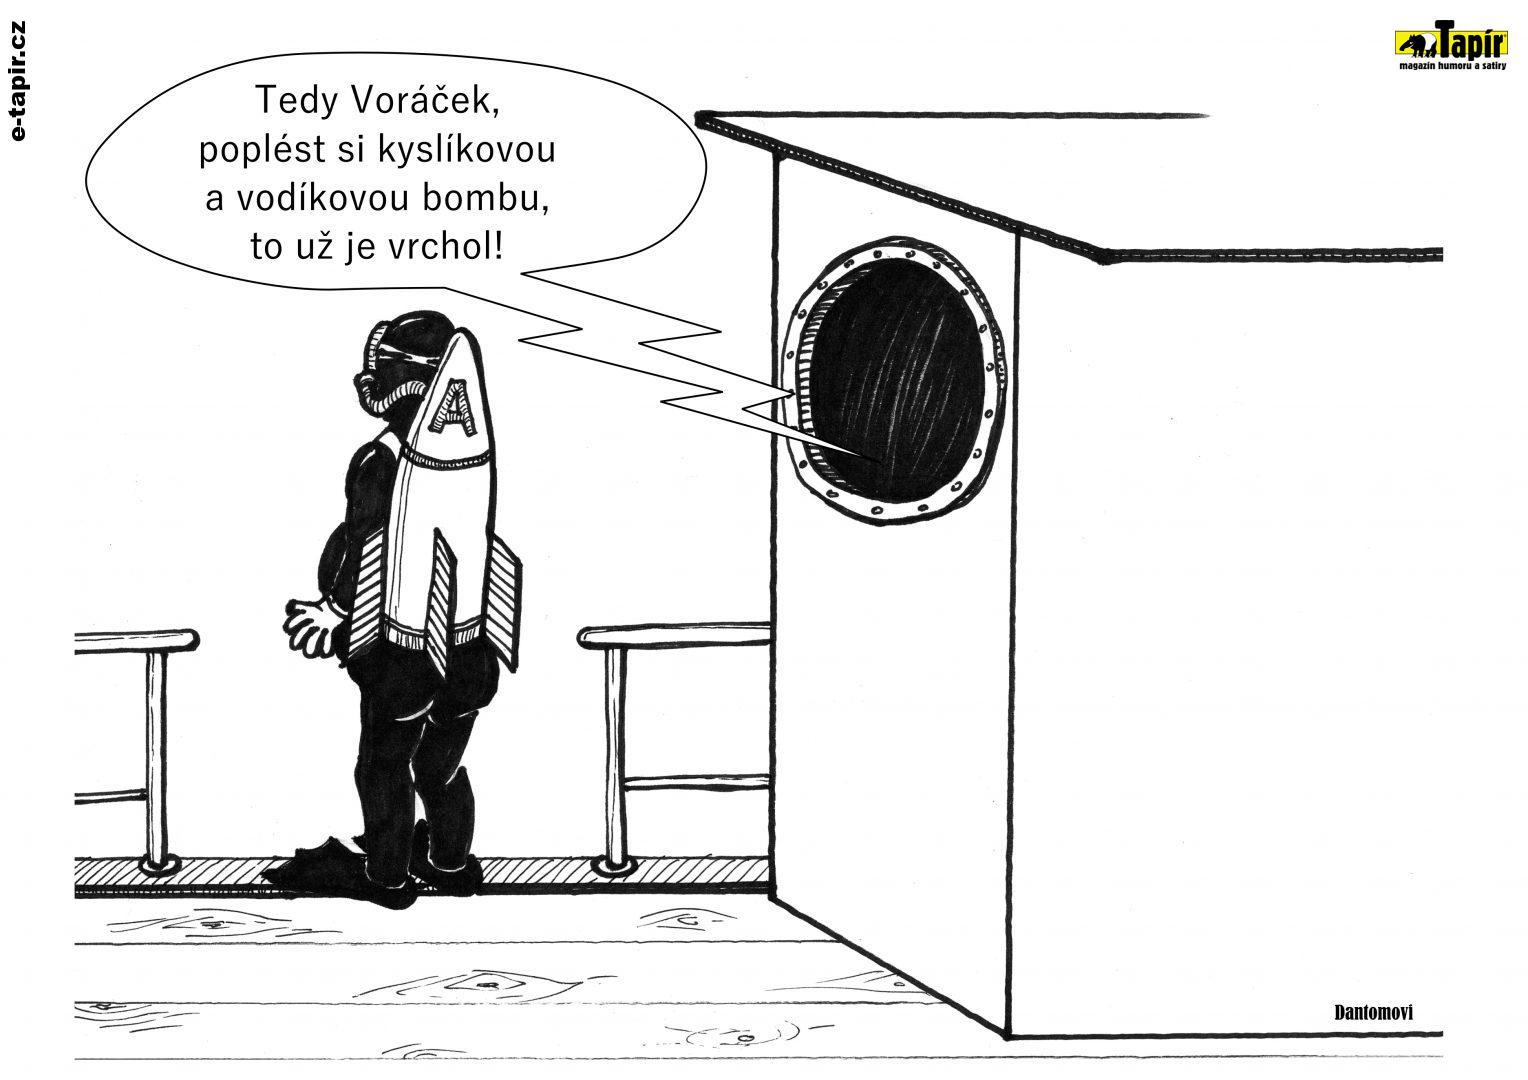 054 Vodikova bomba-7a3c314e